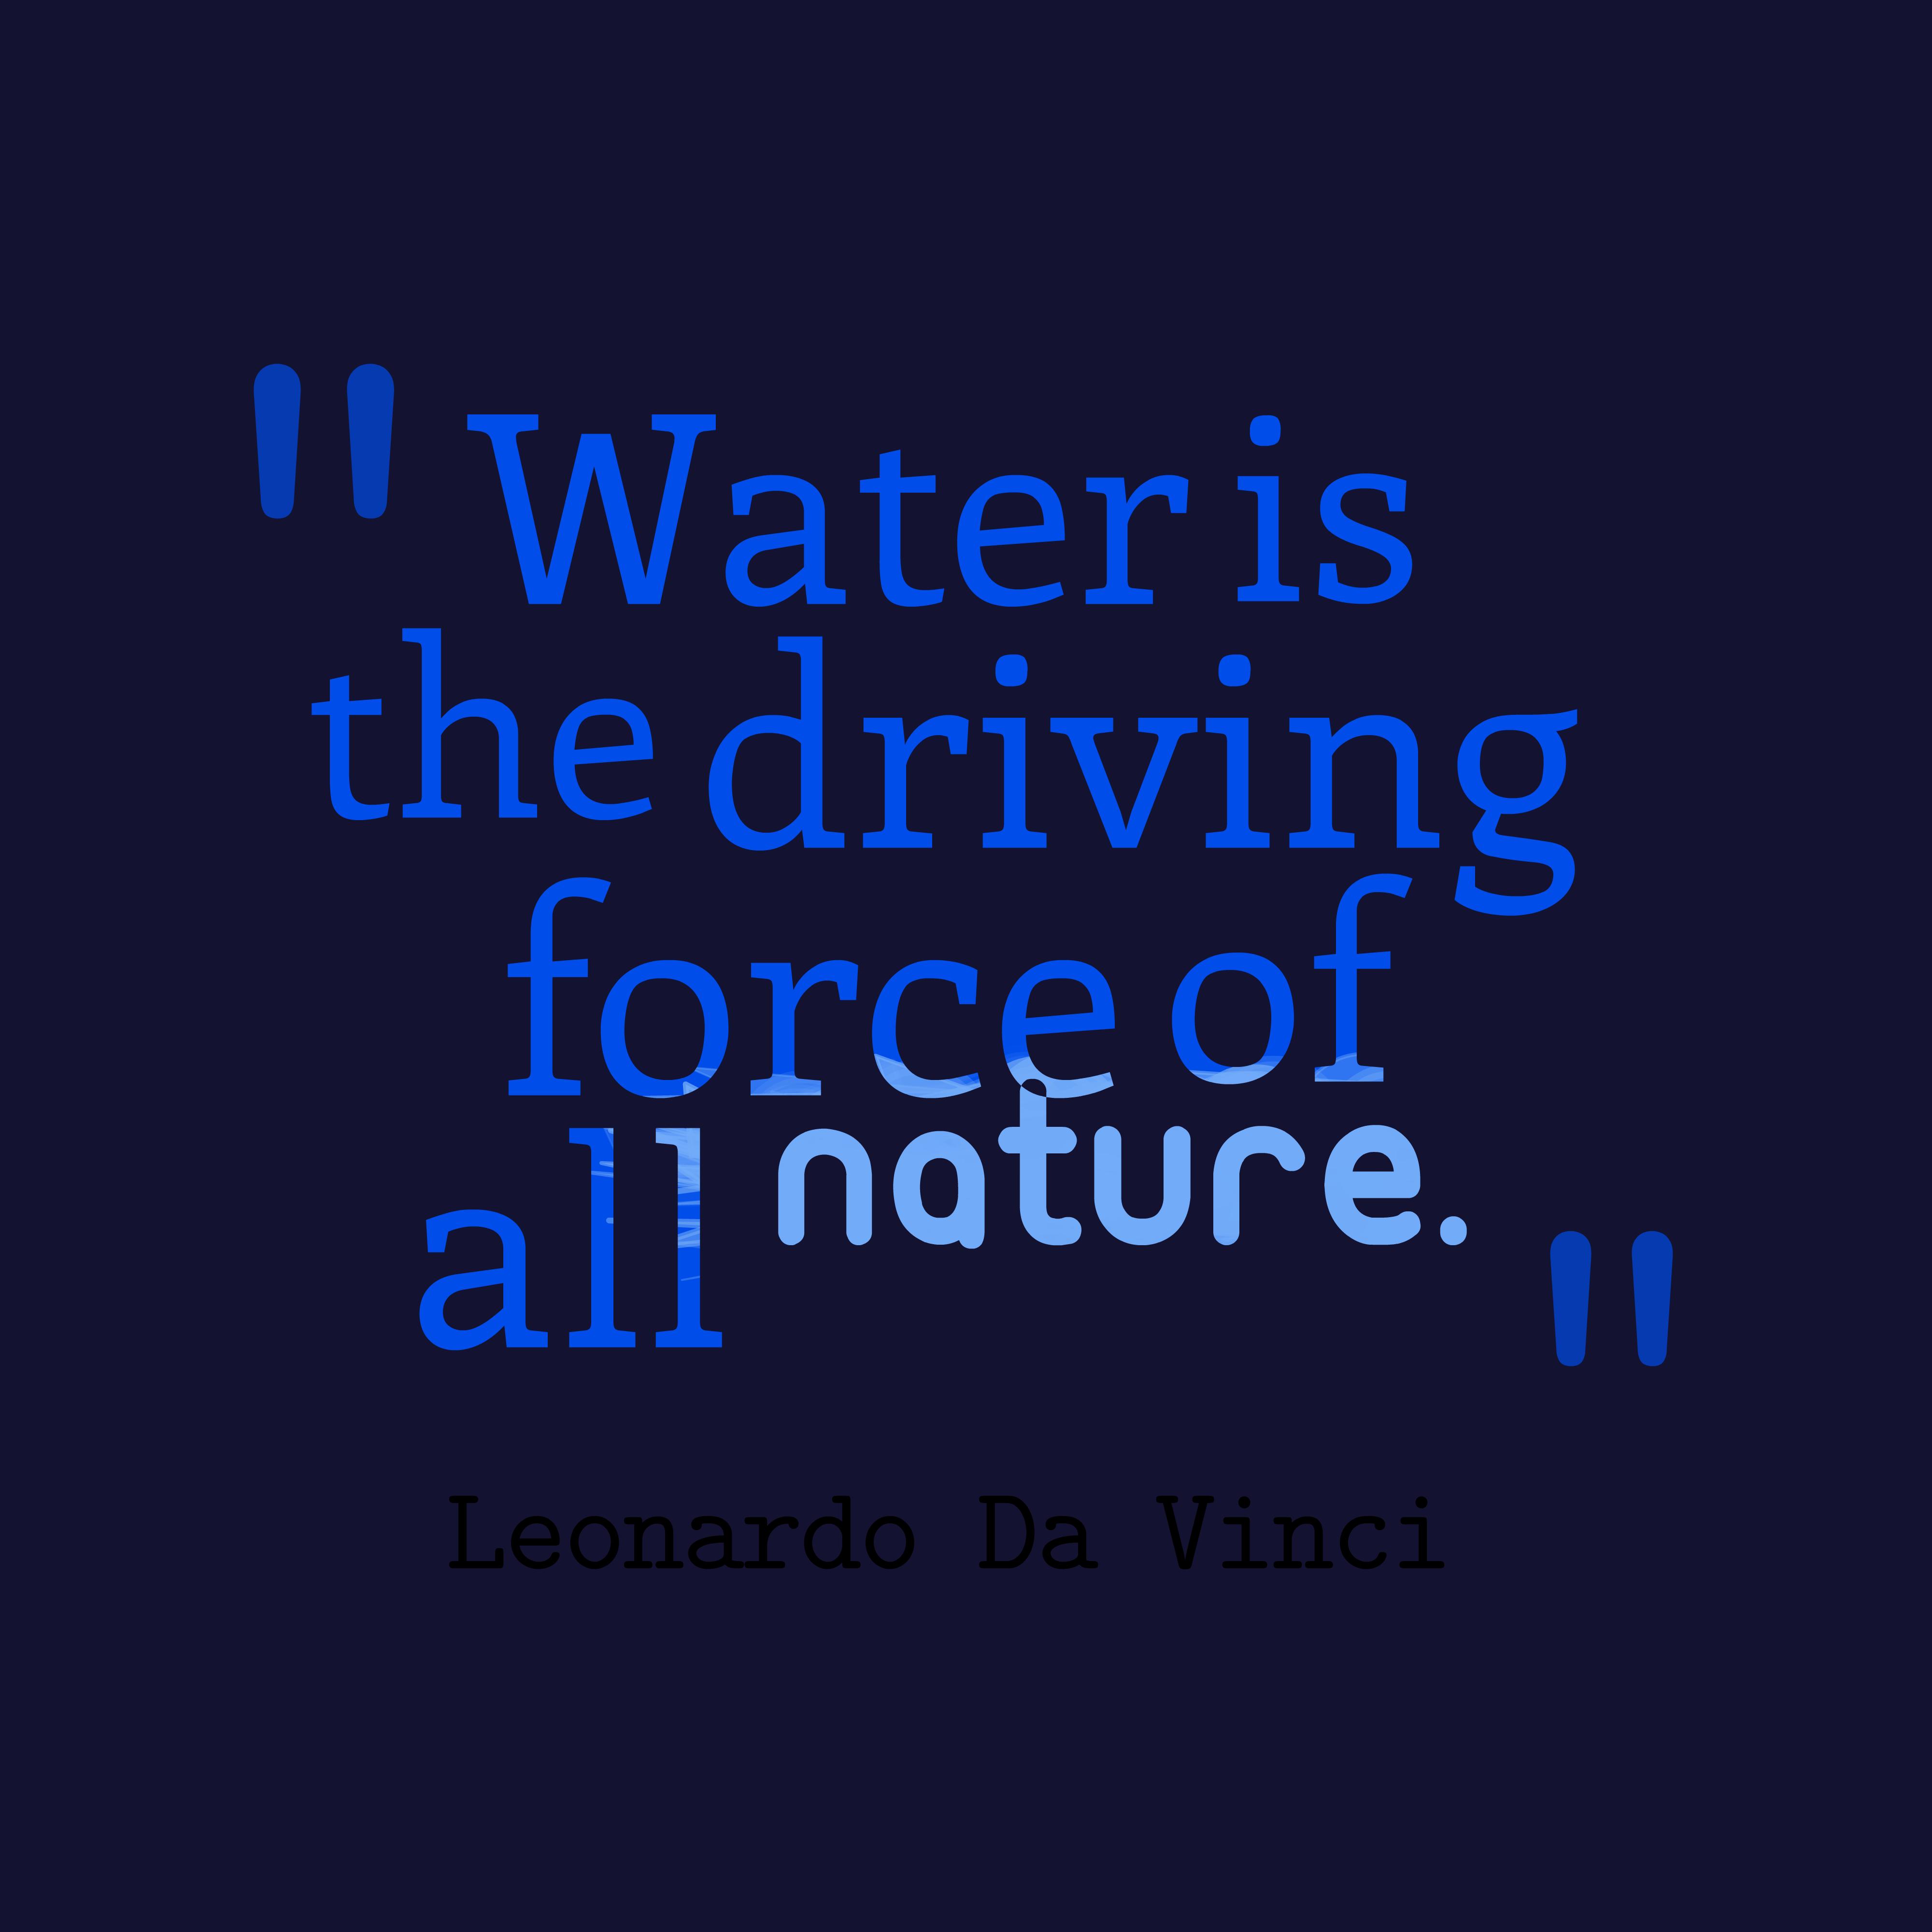 leonardo da vinci quote about nature